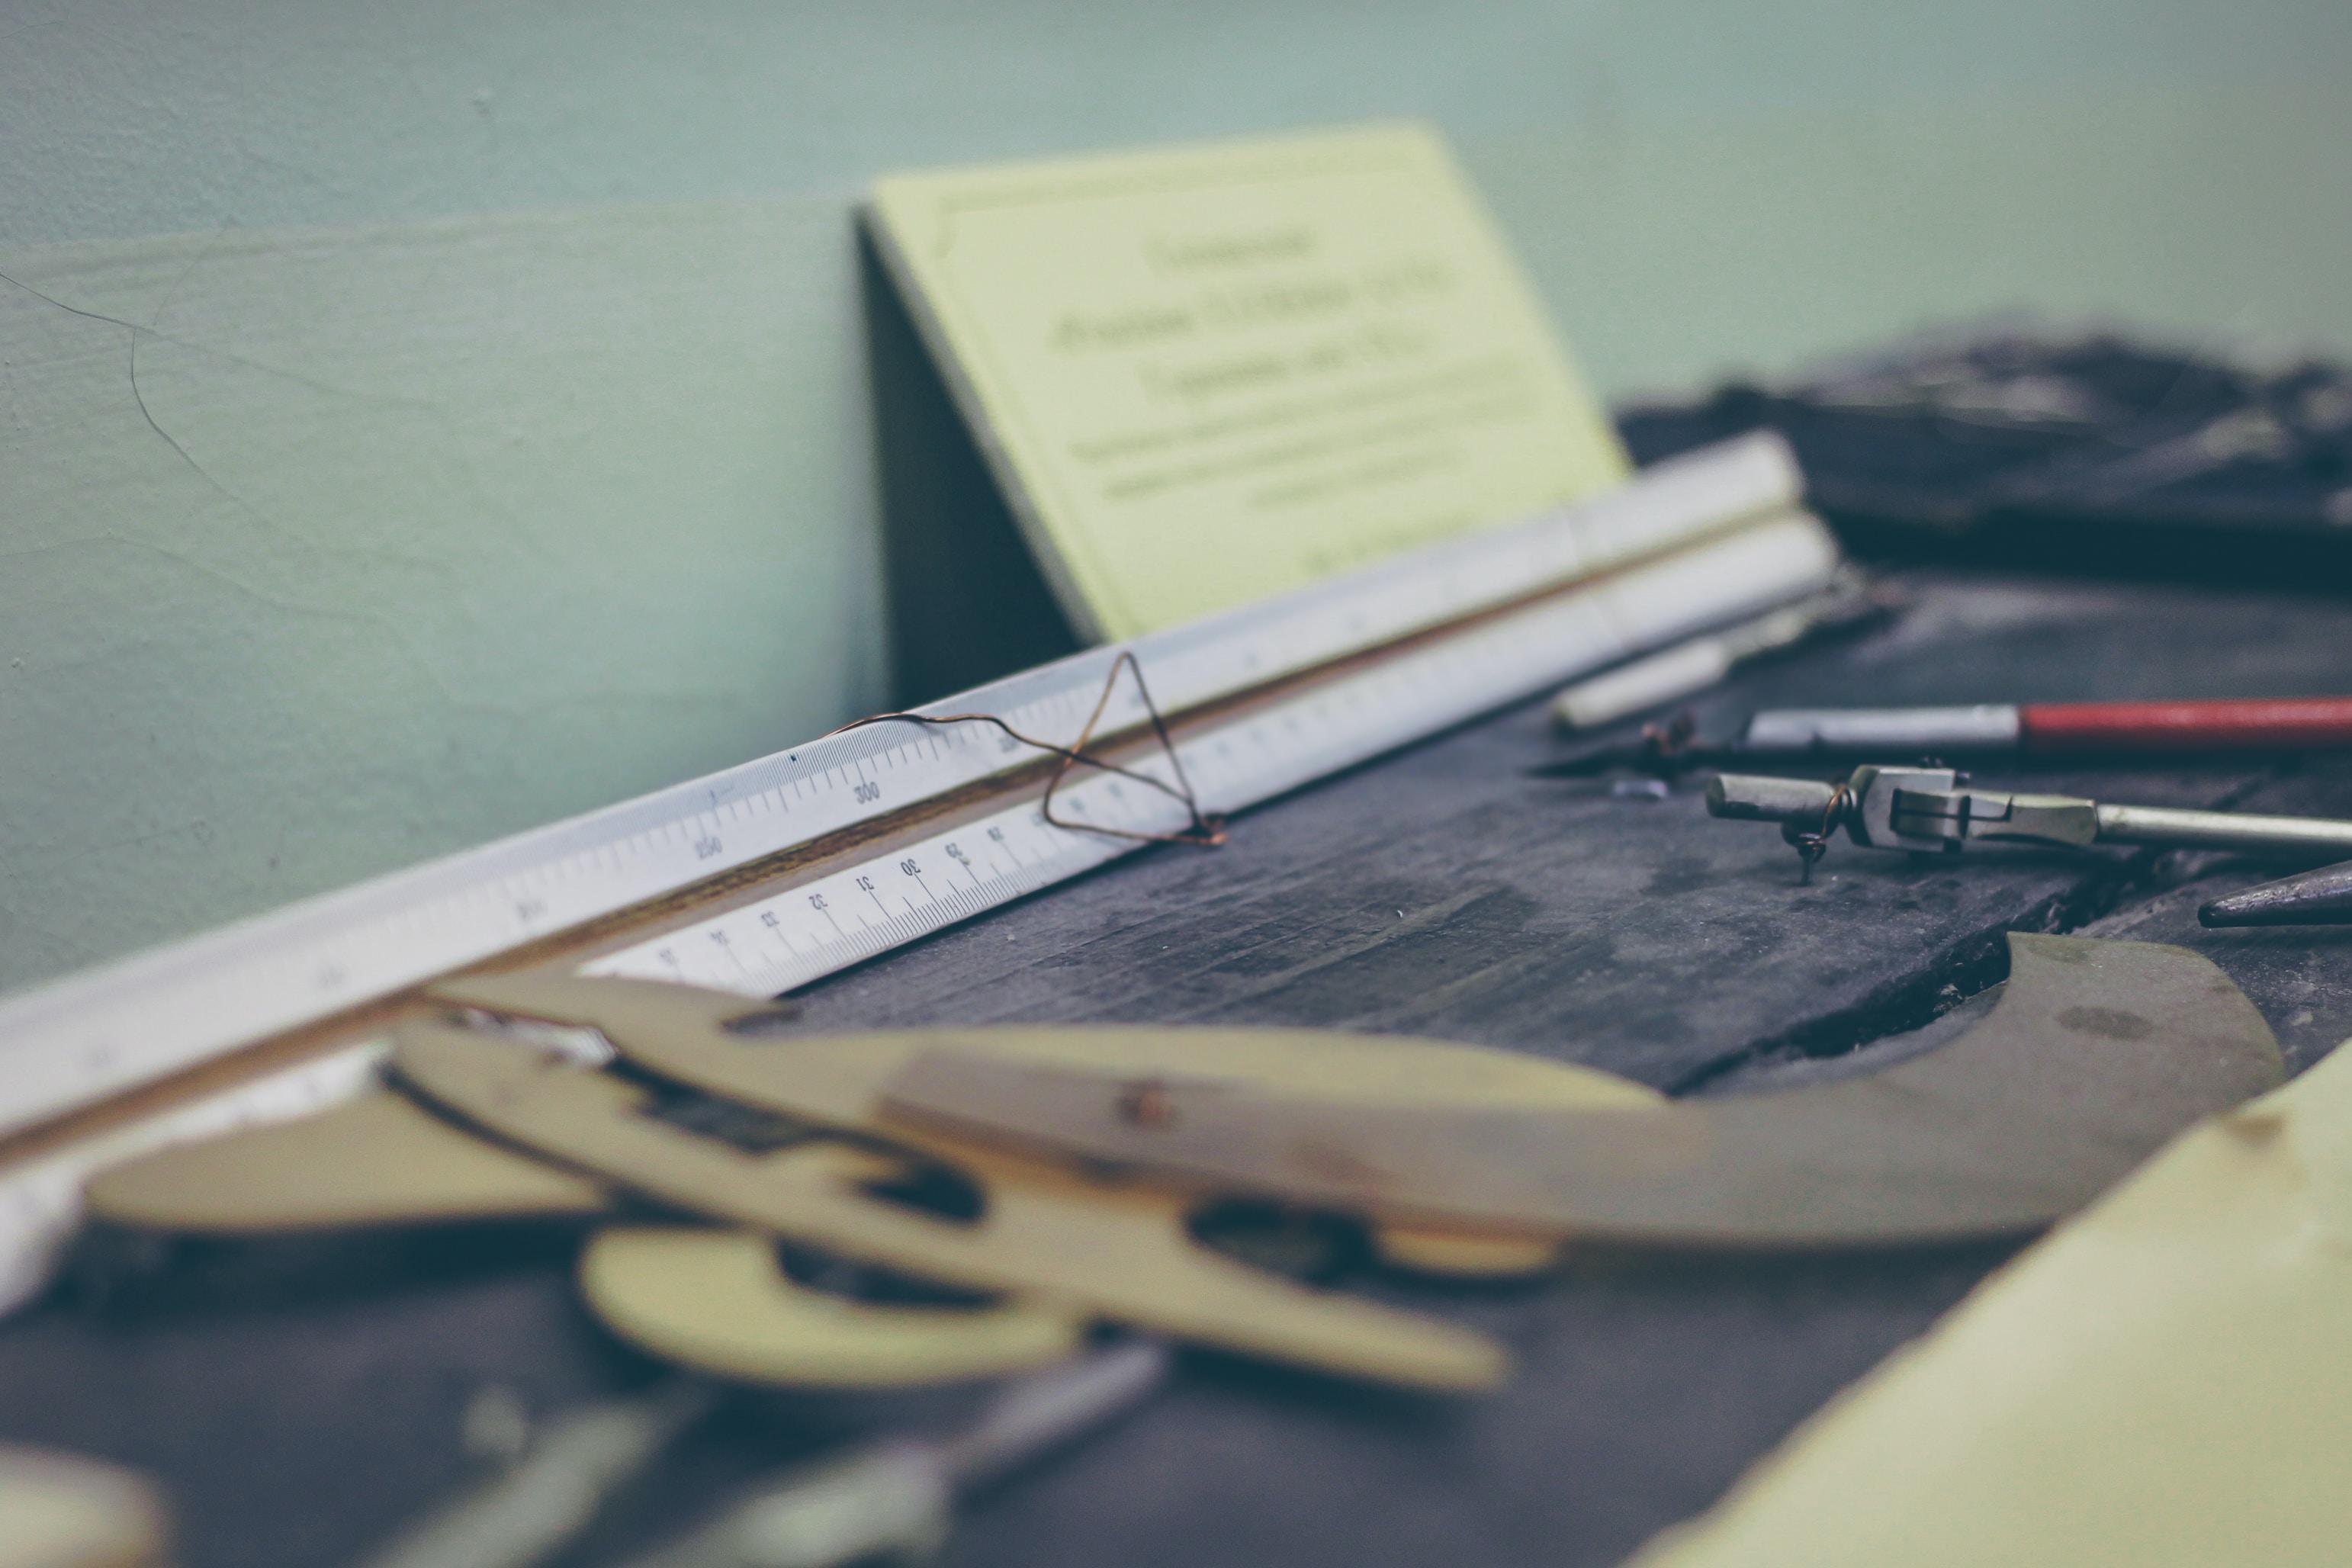 white ruler on desk